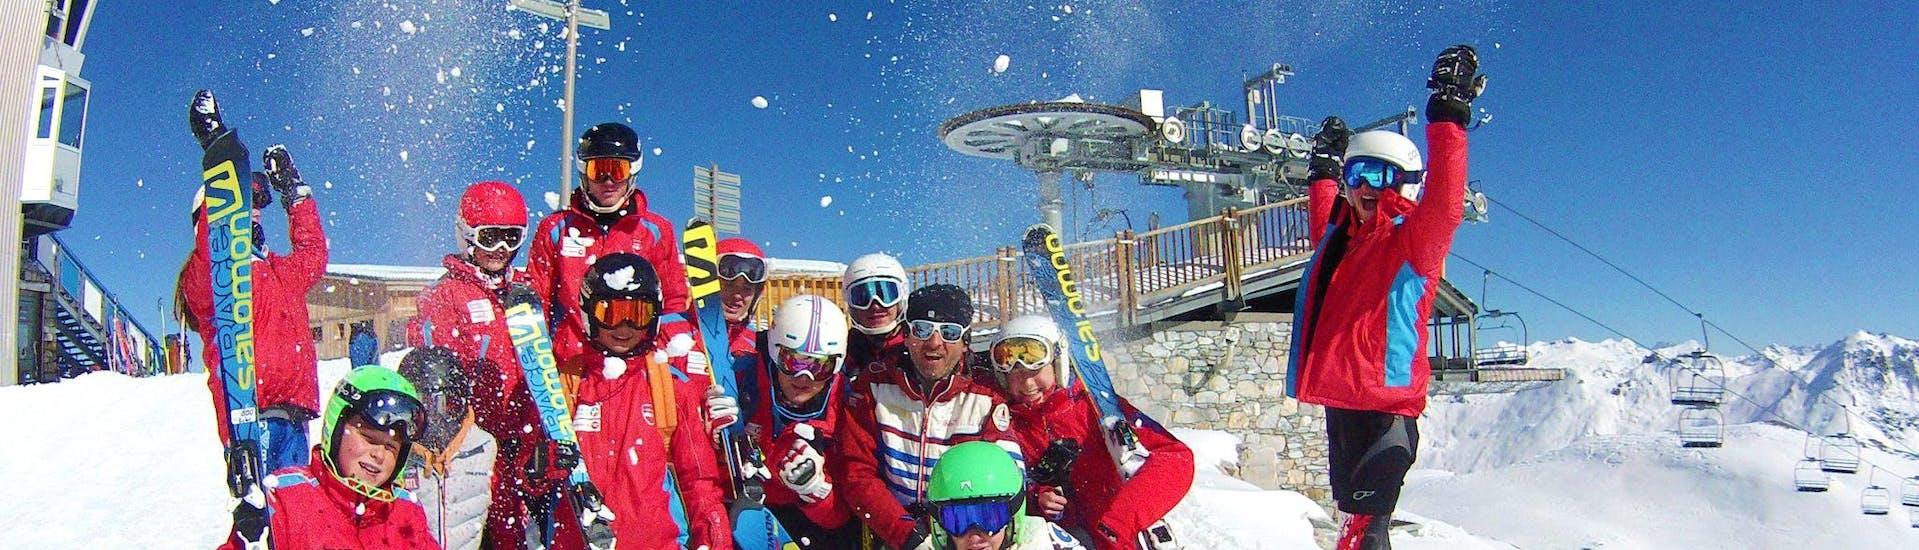 Cours de ski Ados (13-18 ans) - Vacances - Matin